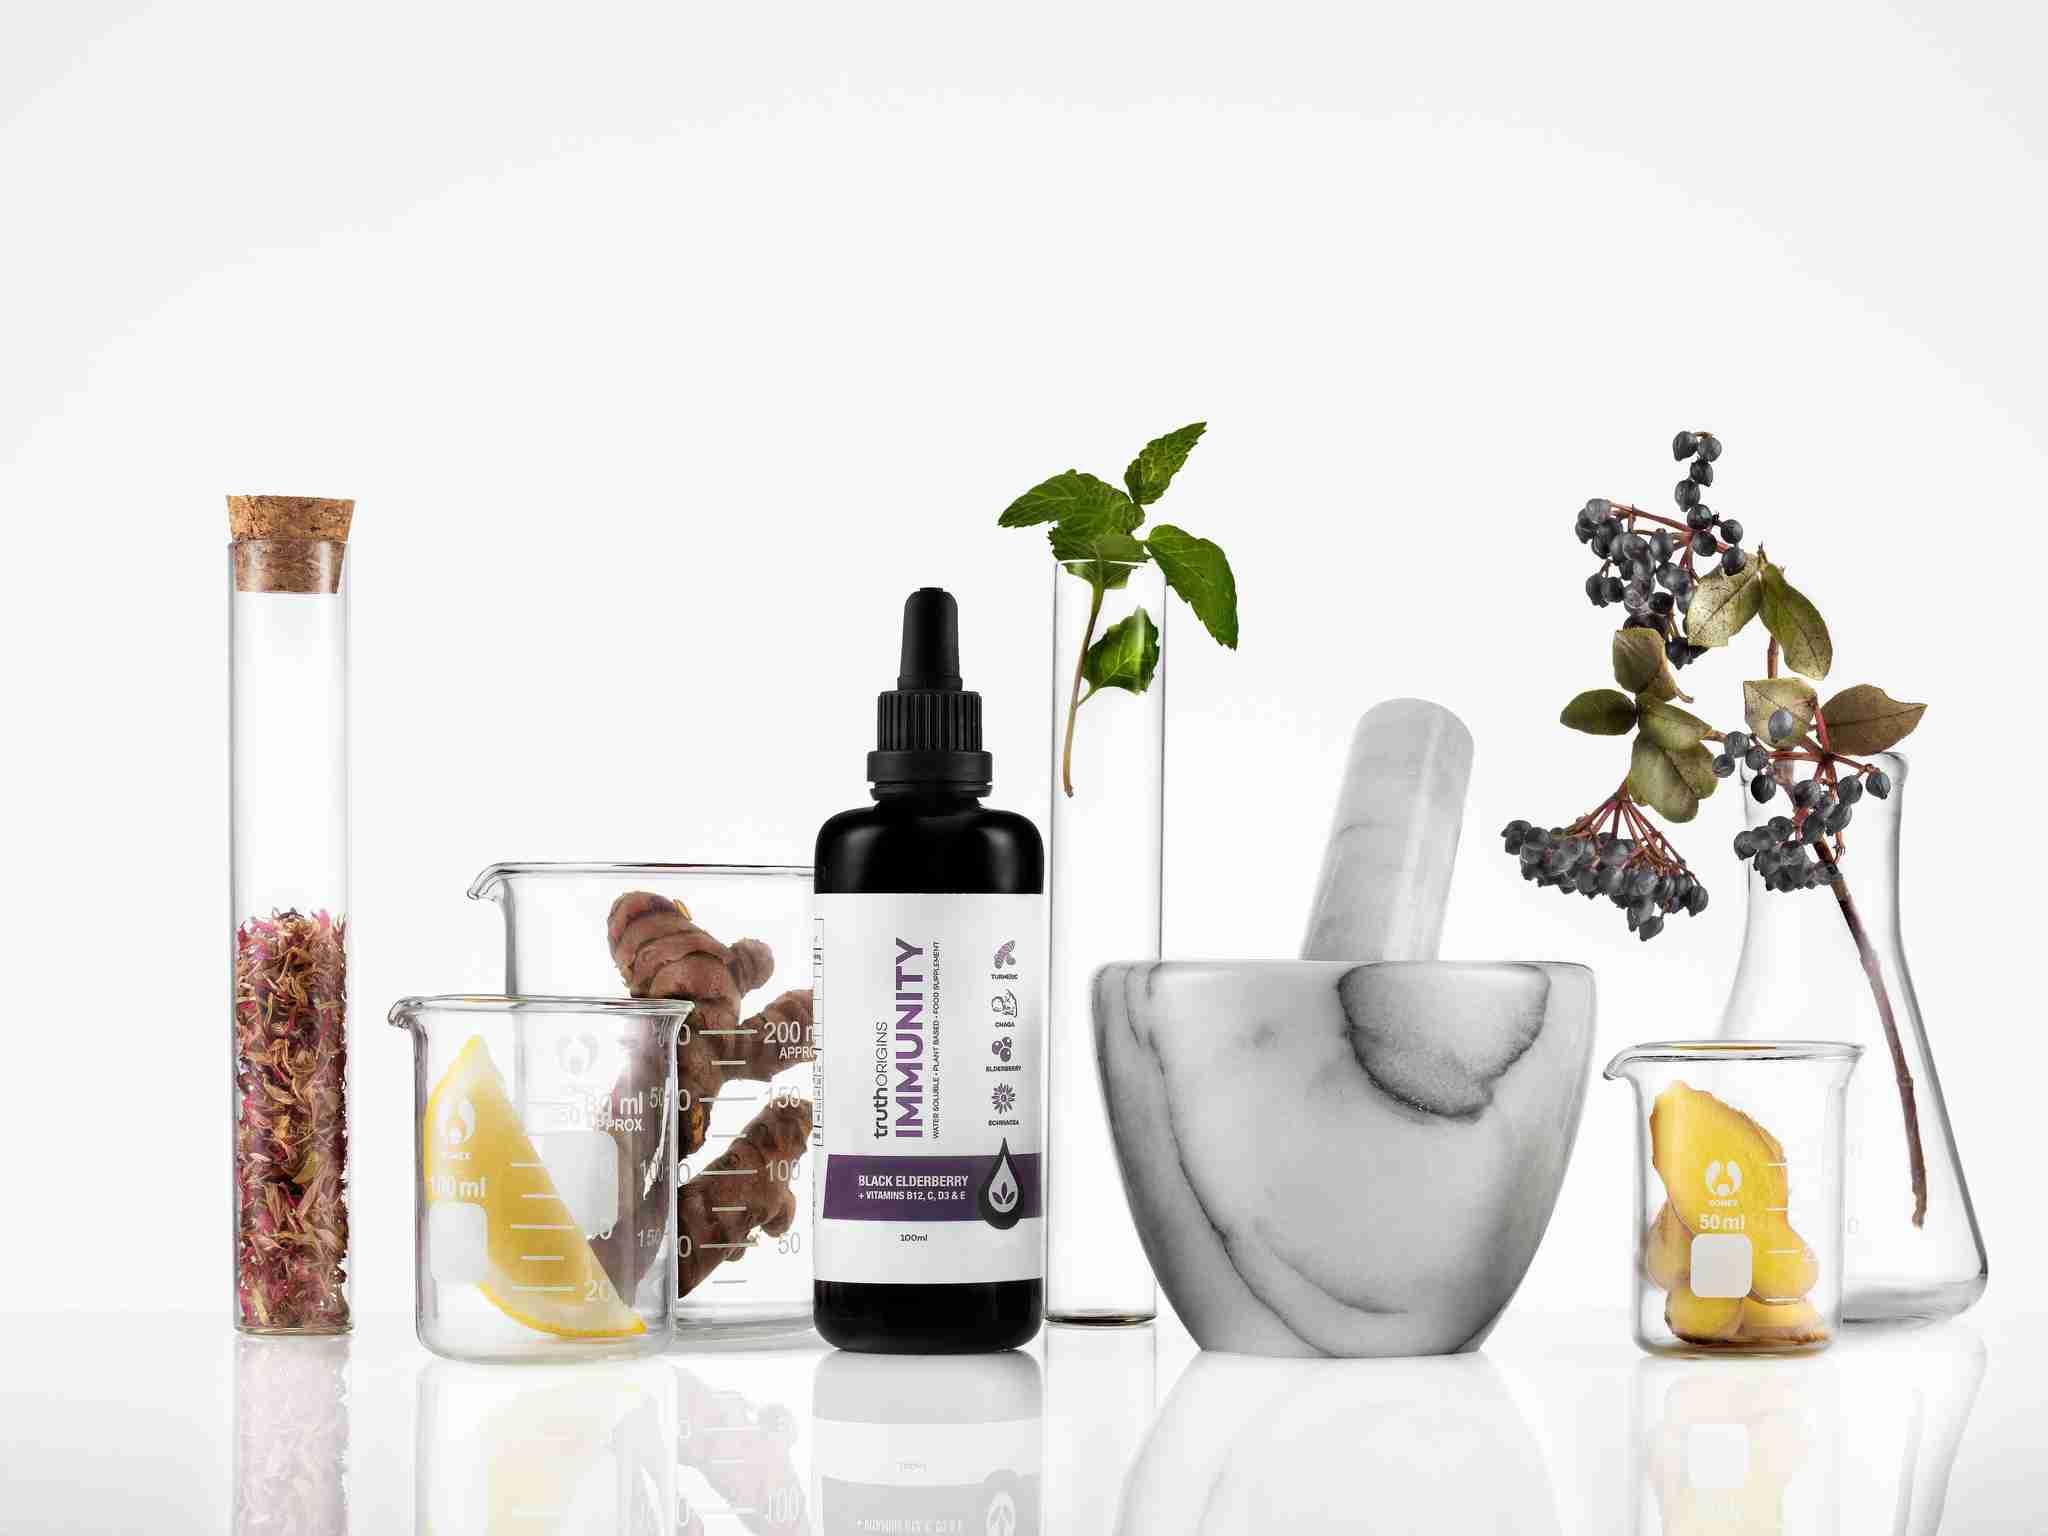 Immunity product 1